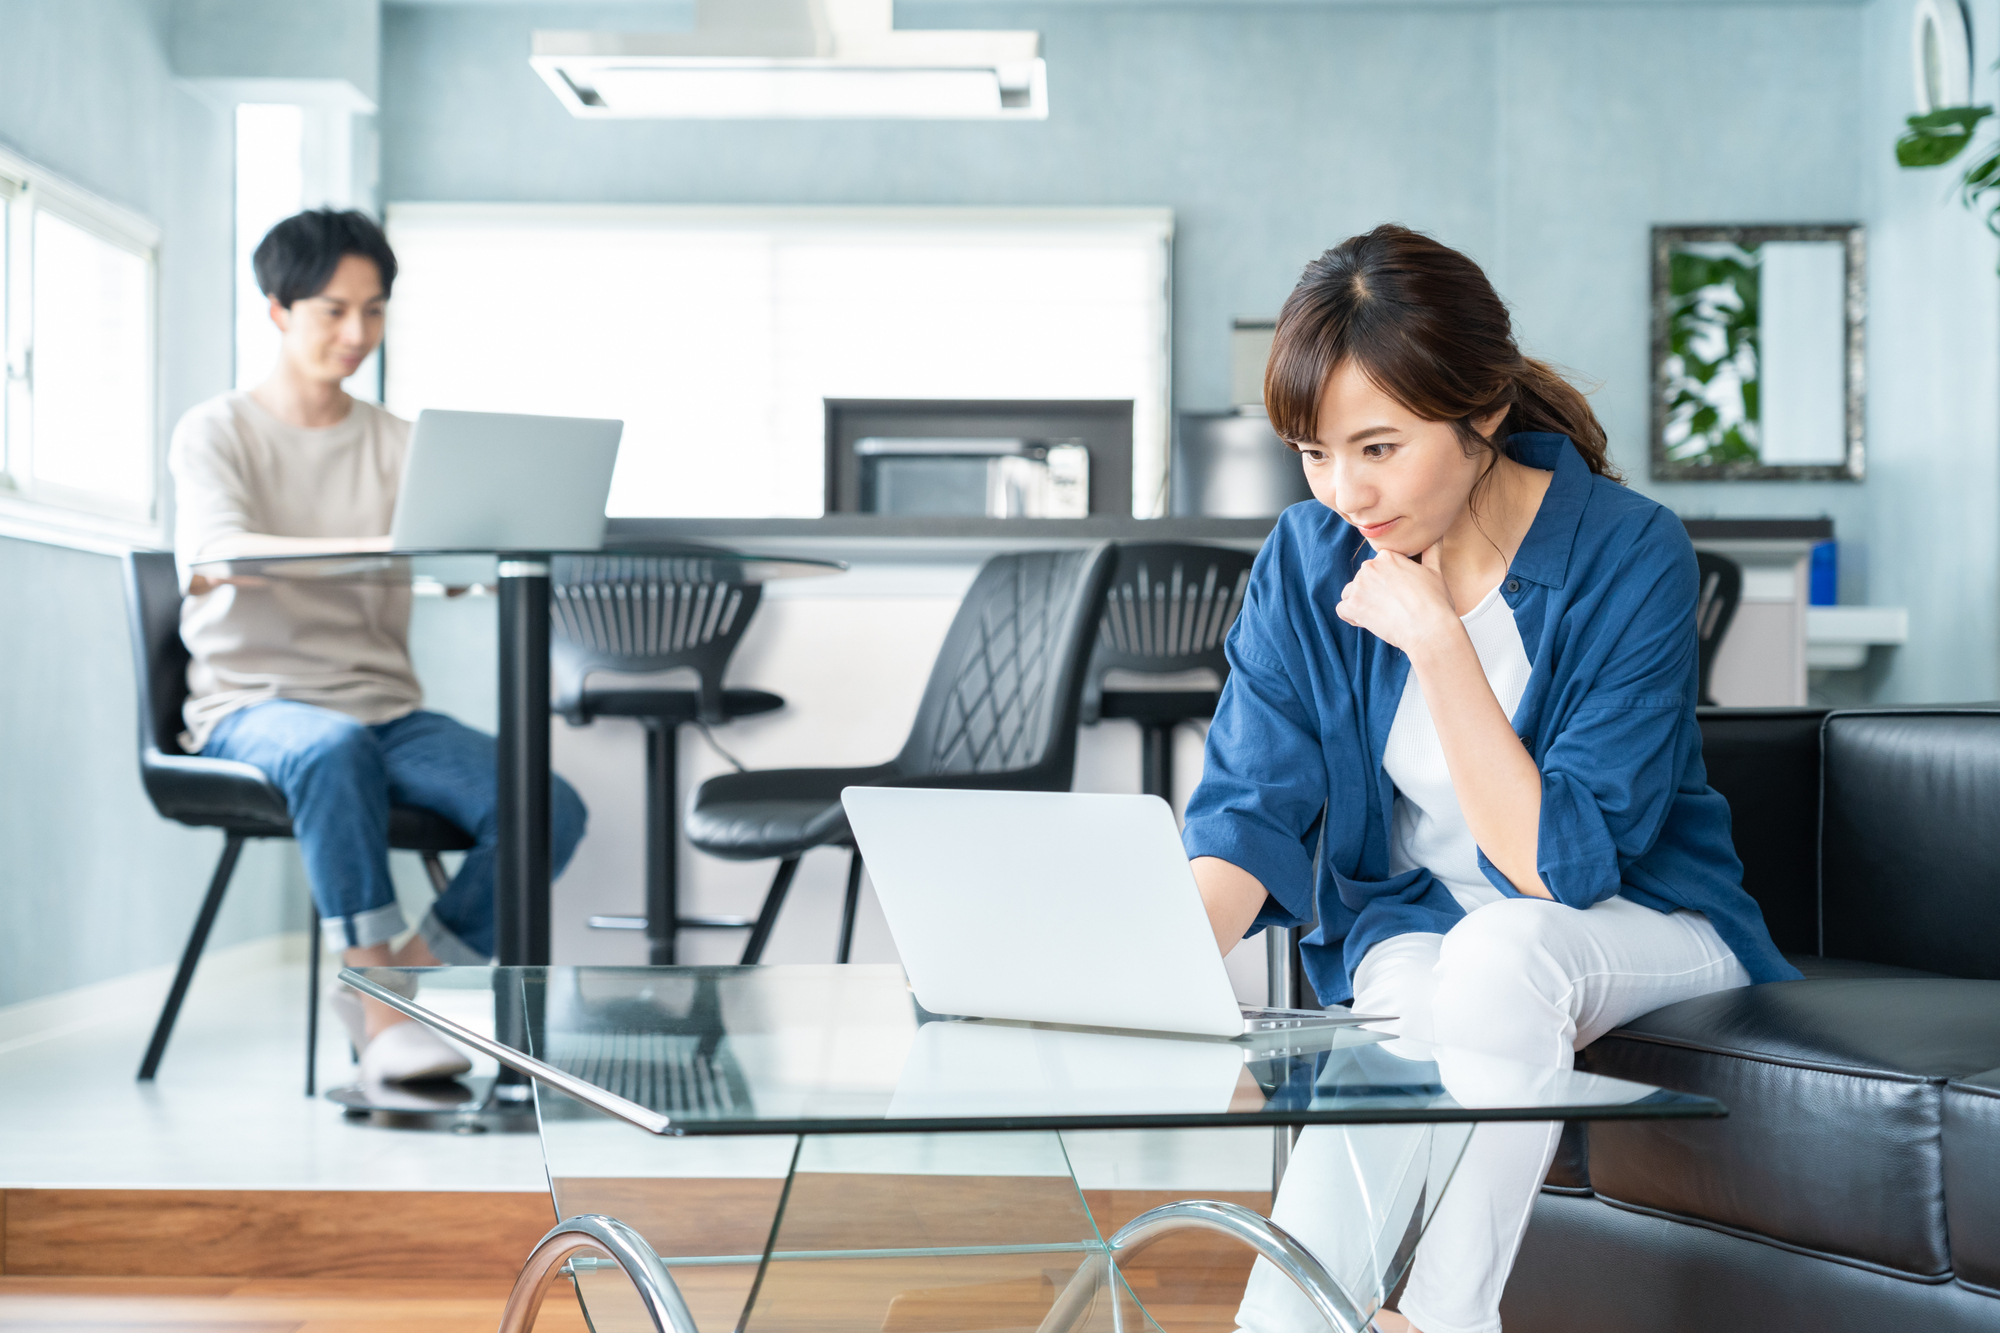 部屋の中でそれぞれ違うテーブルで仕事をしている夫婦